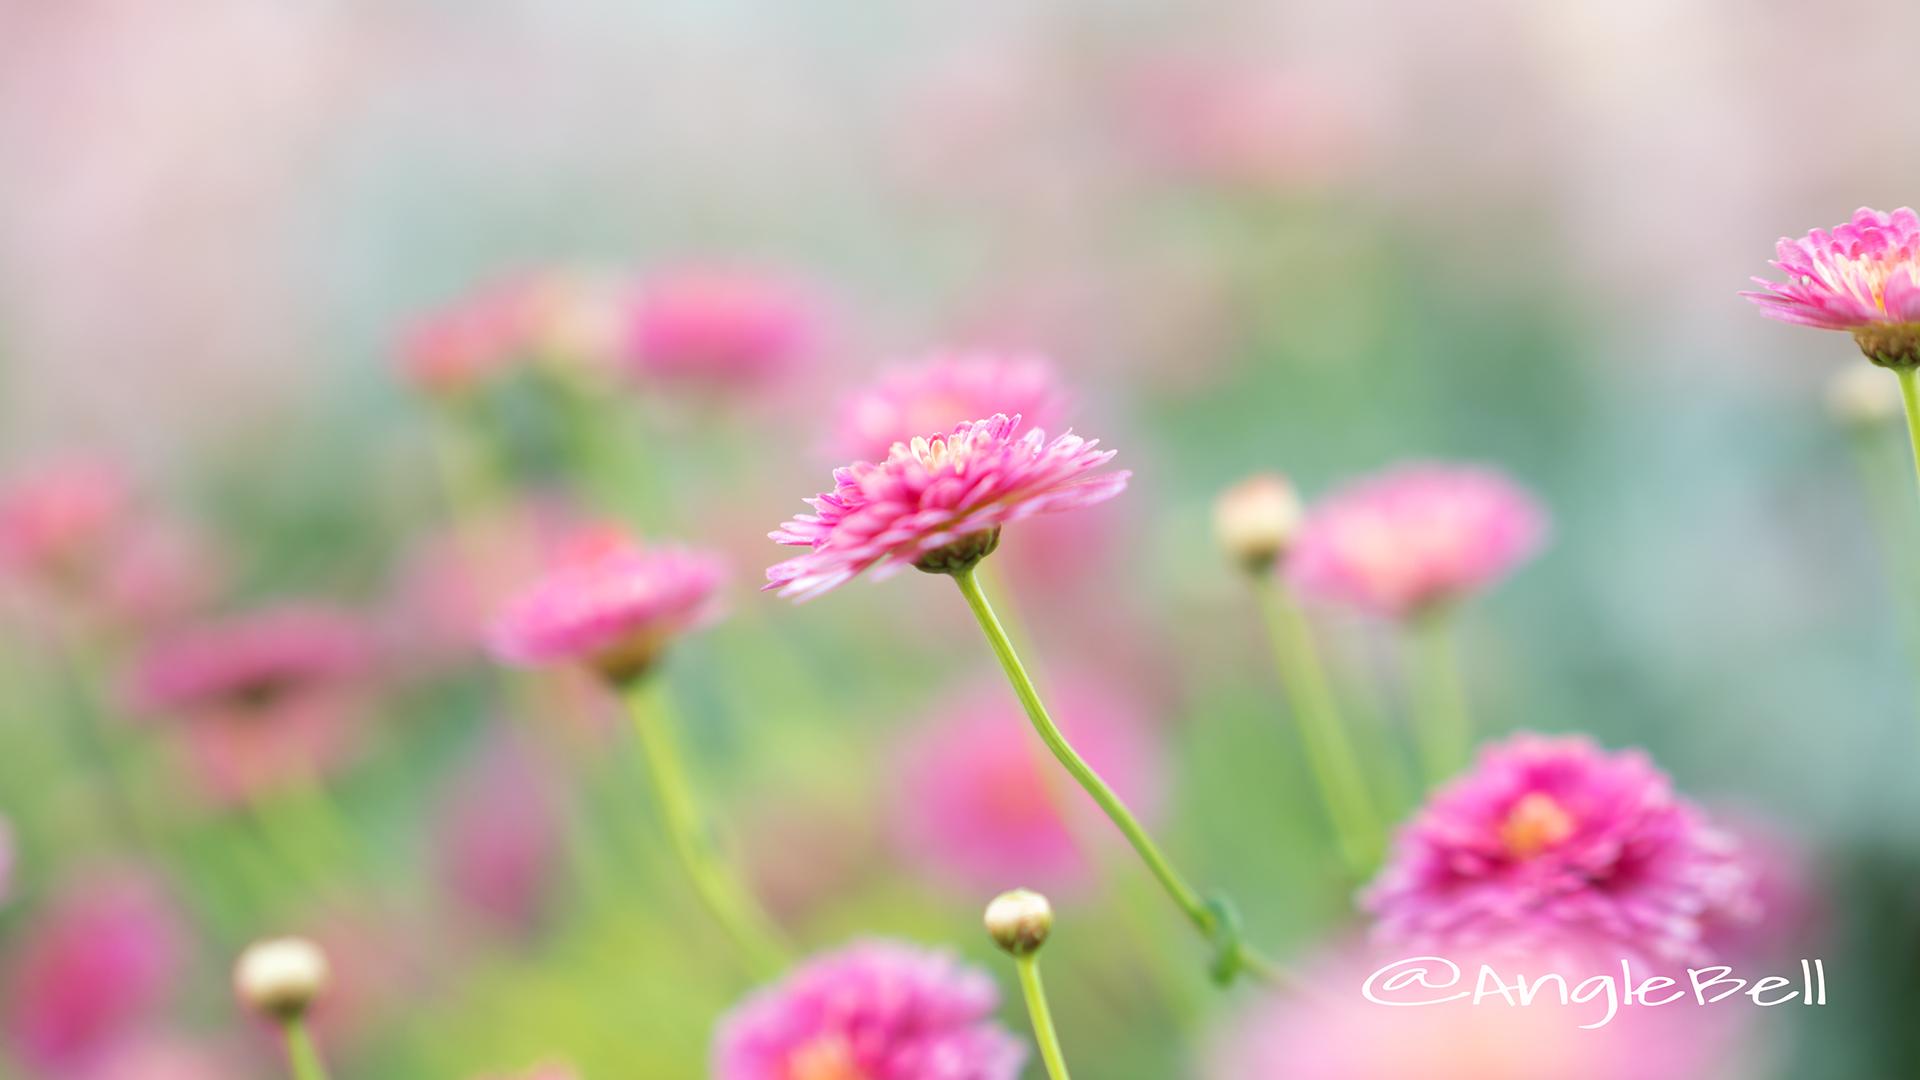 マーガレット ブリリアント ルージュ Flower Photo3